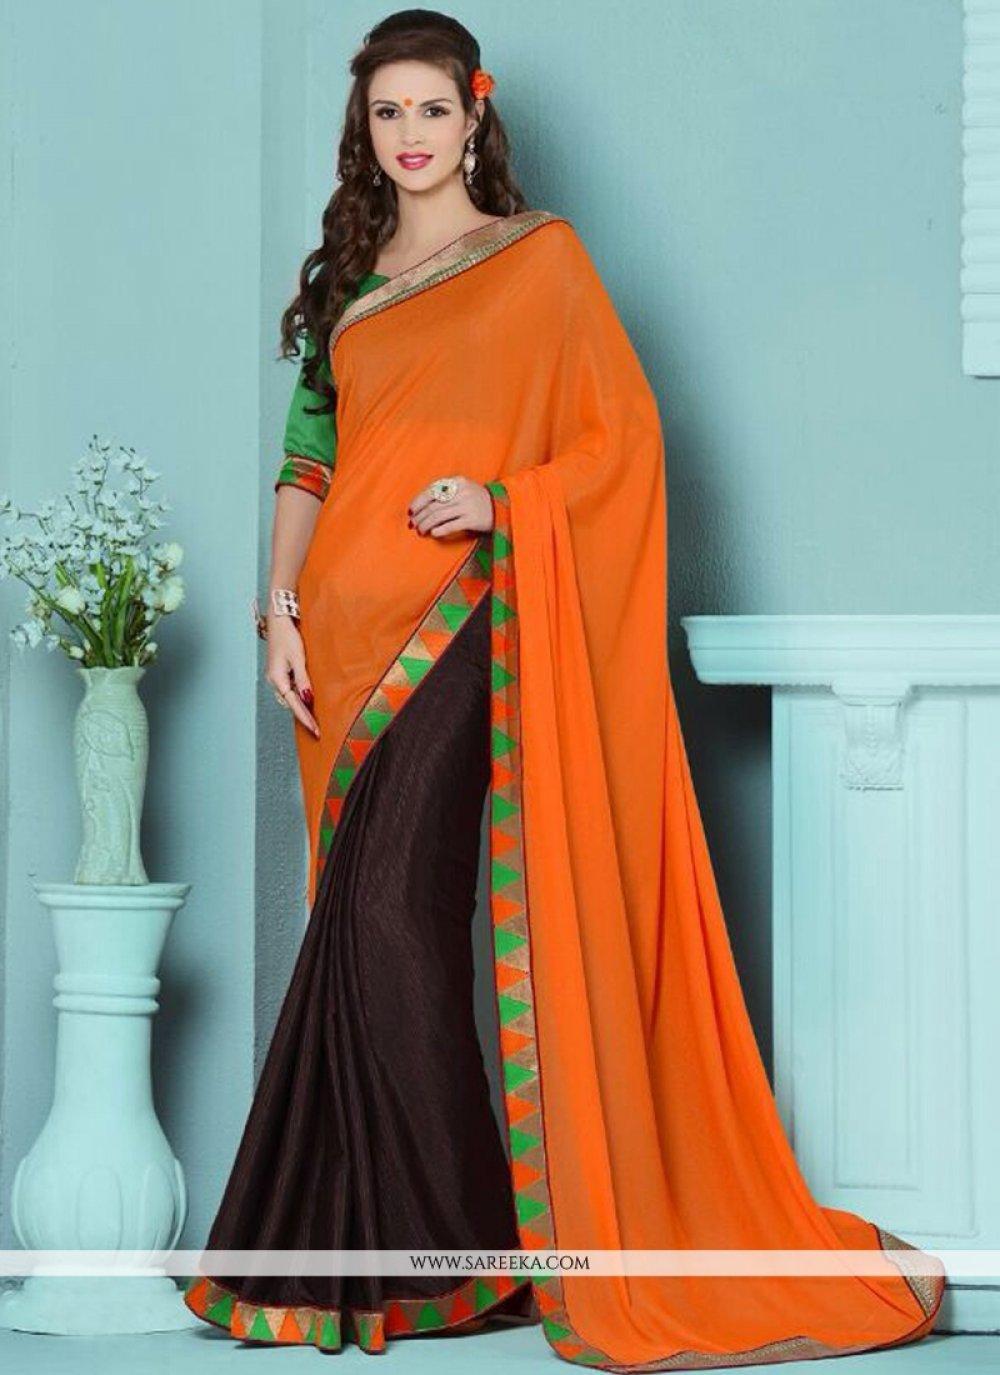 Cotton   Orange and Brown Lace Work Designer Half N Half saree